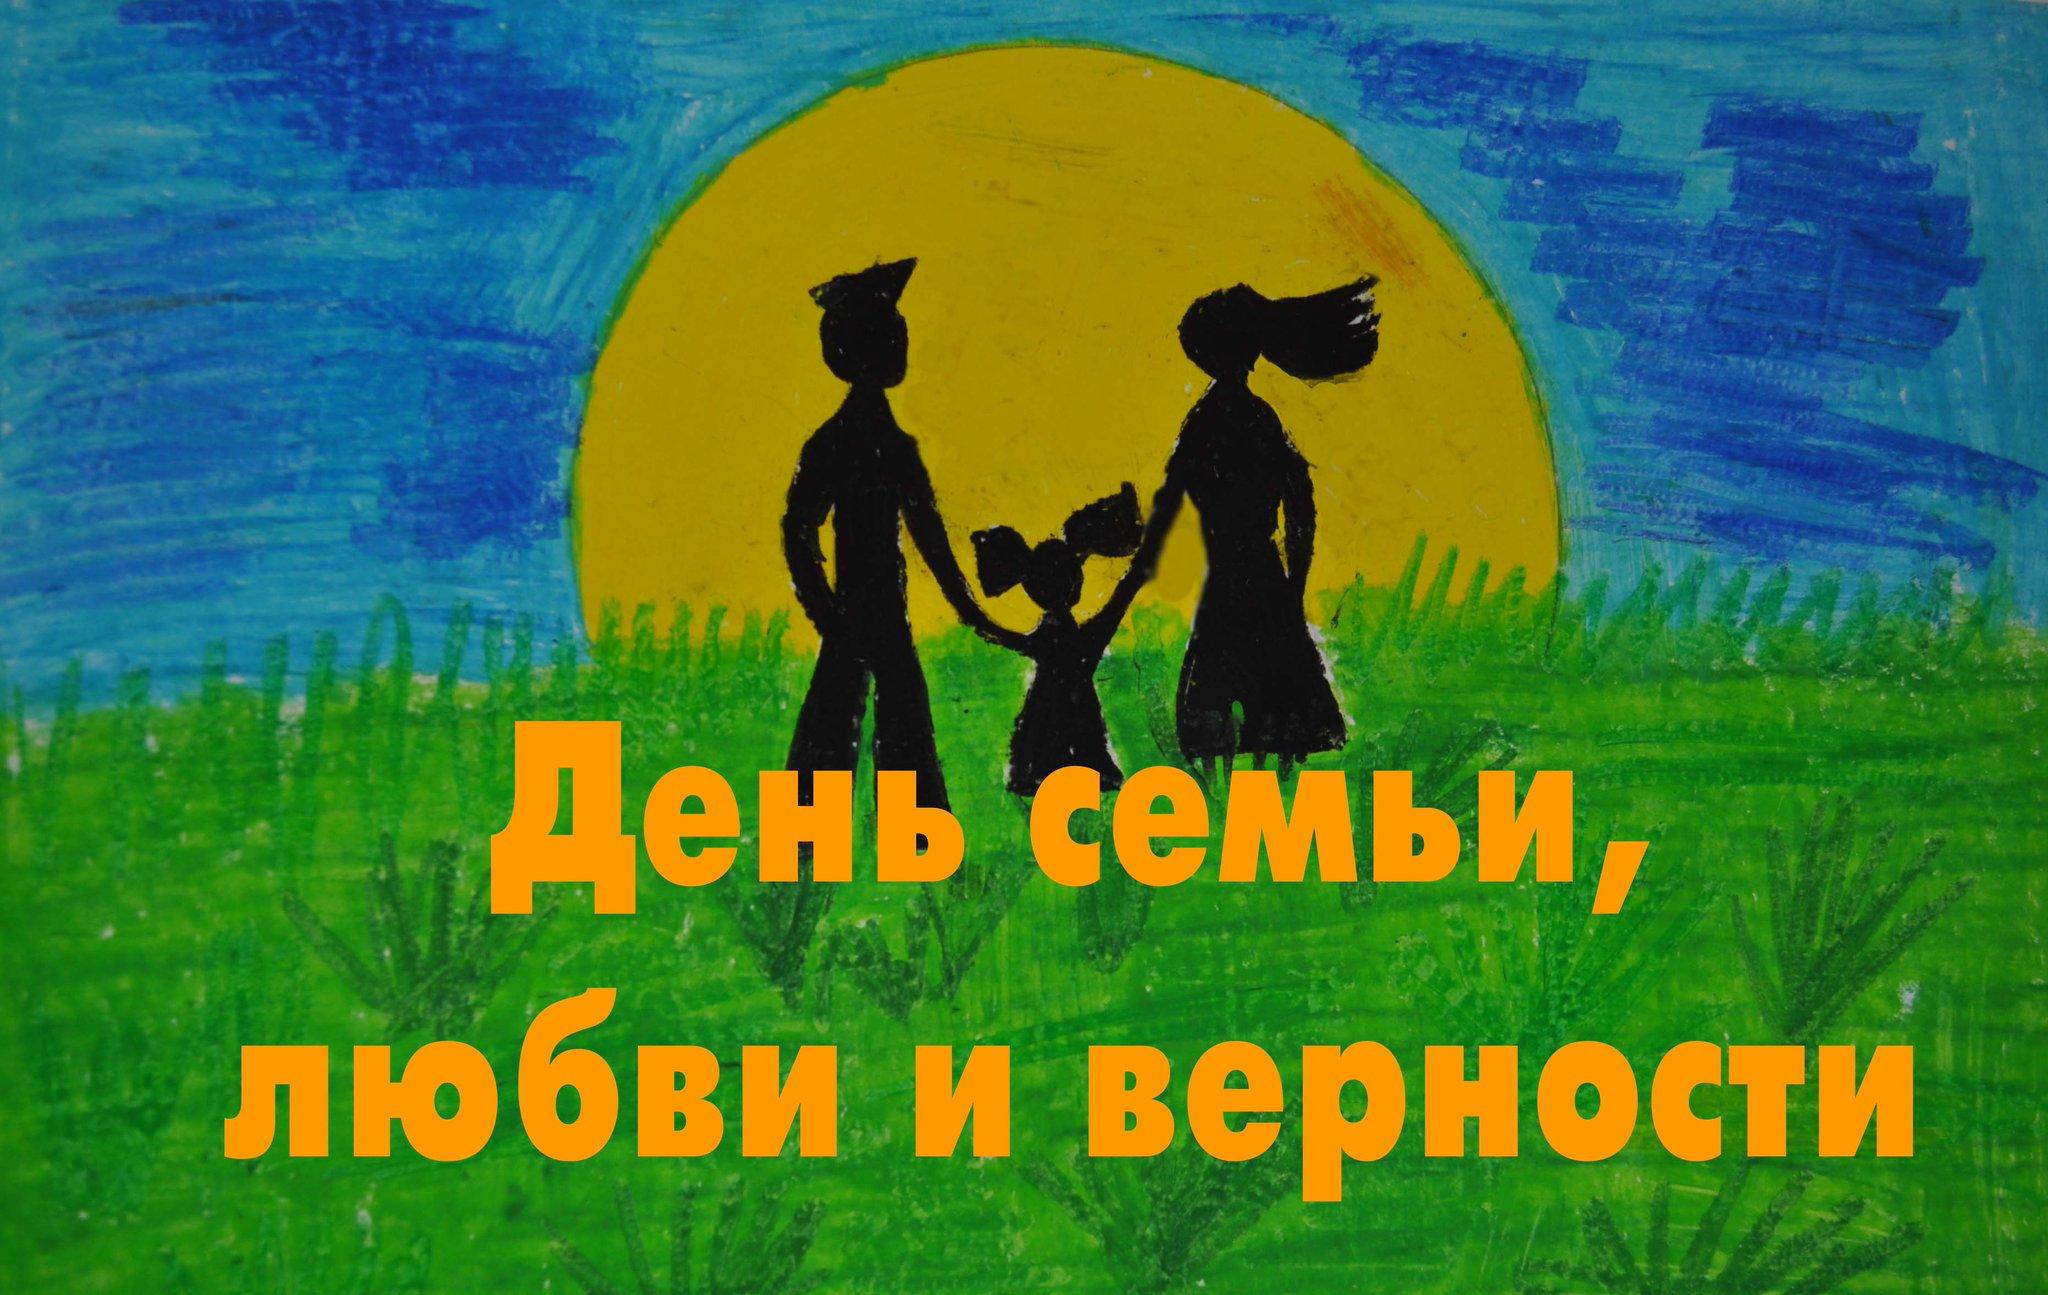 Полугодом мальчика, открытка на тему год семьи